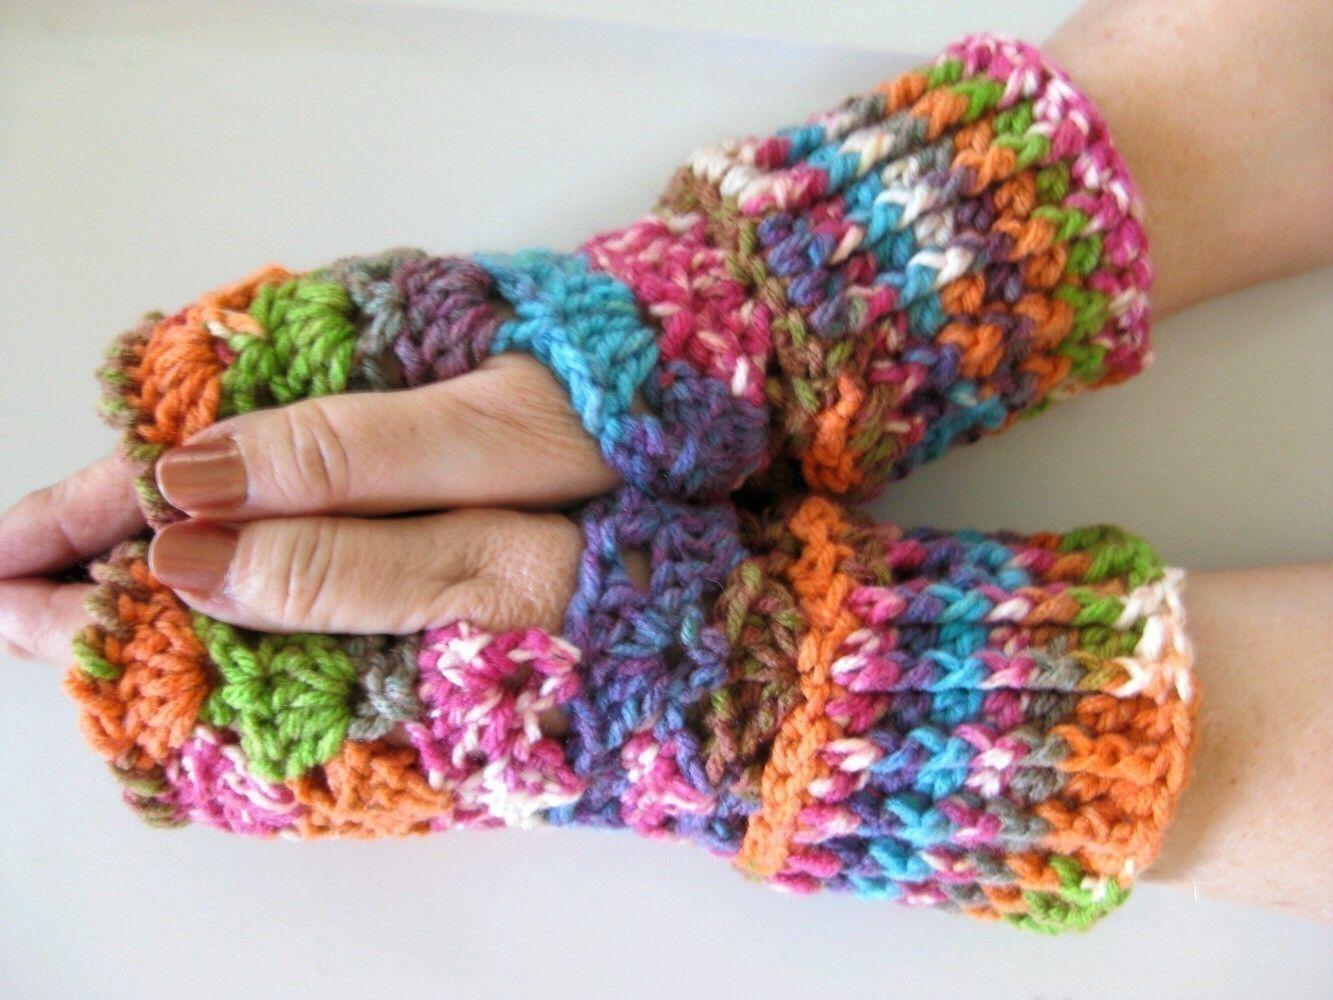 Fingerless gloves pattern pdf crochet pattern great for driving fingerless gloves pattern pdf crochet pattern great for driving or texting 500 bankloansurffo Images